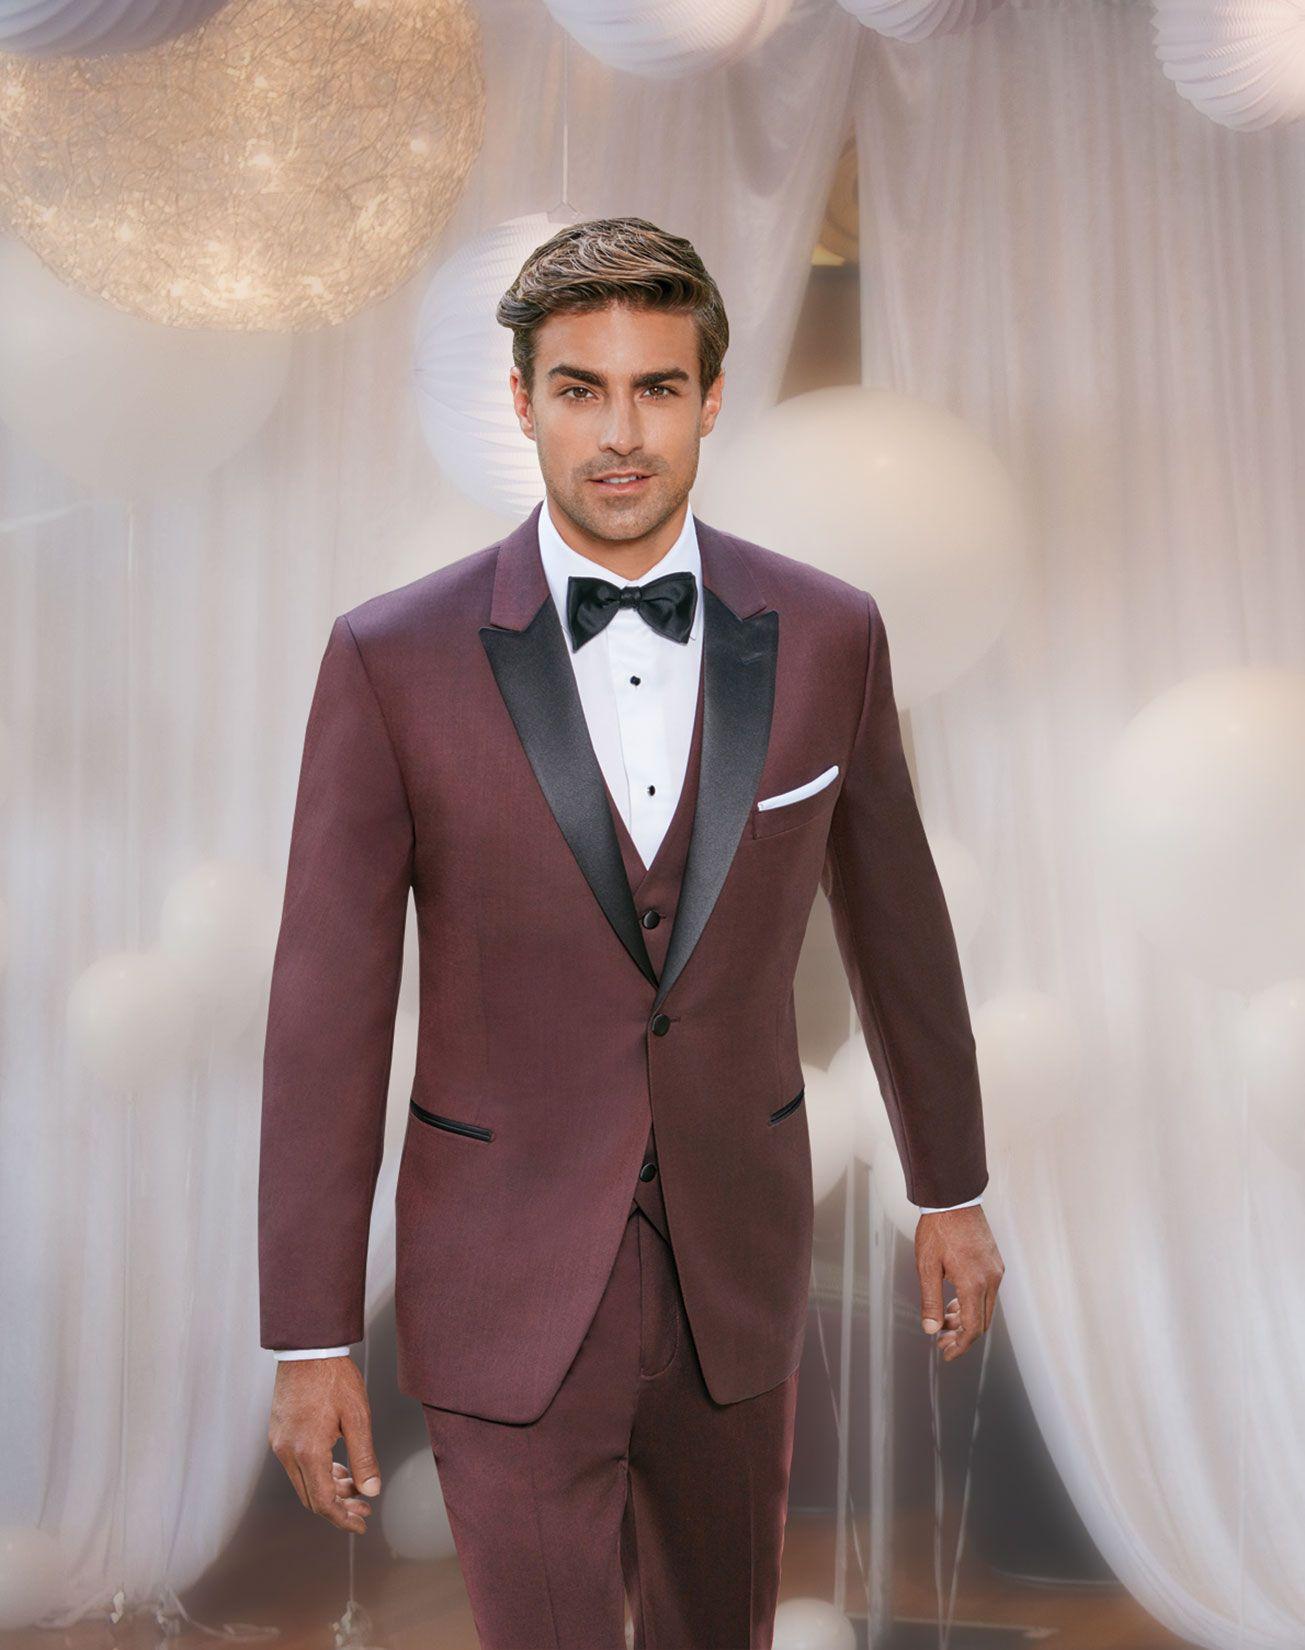 Burgundy Ike Behar Marbella Tuxedo Prom tuxedo, Tuxedo